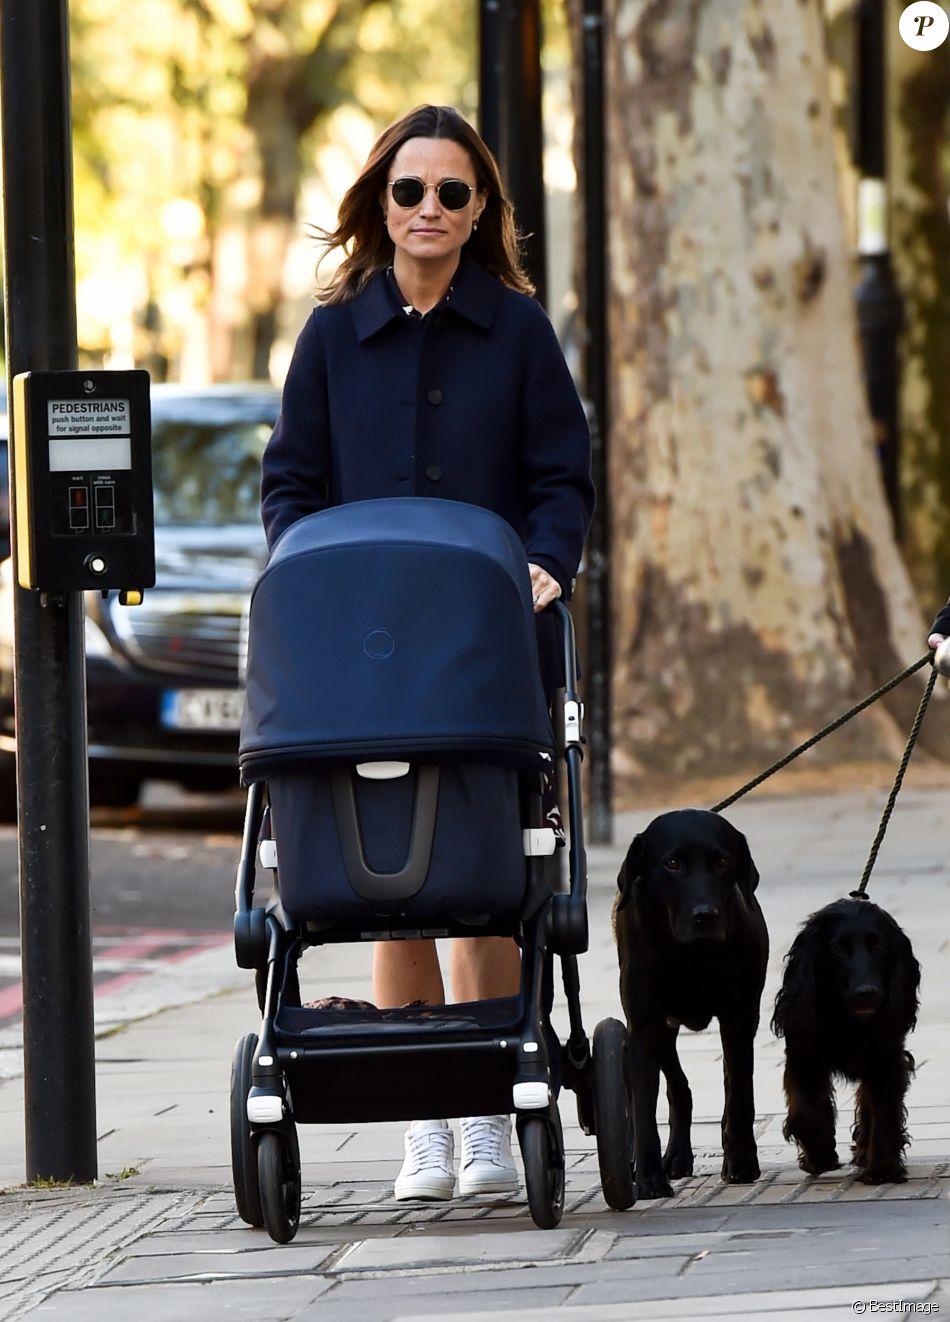 Exclusif - Pippa Middleton promène son fils avec ses deux chiens à Londres le 23 octobre 2018.